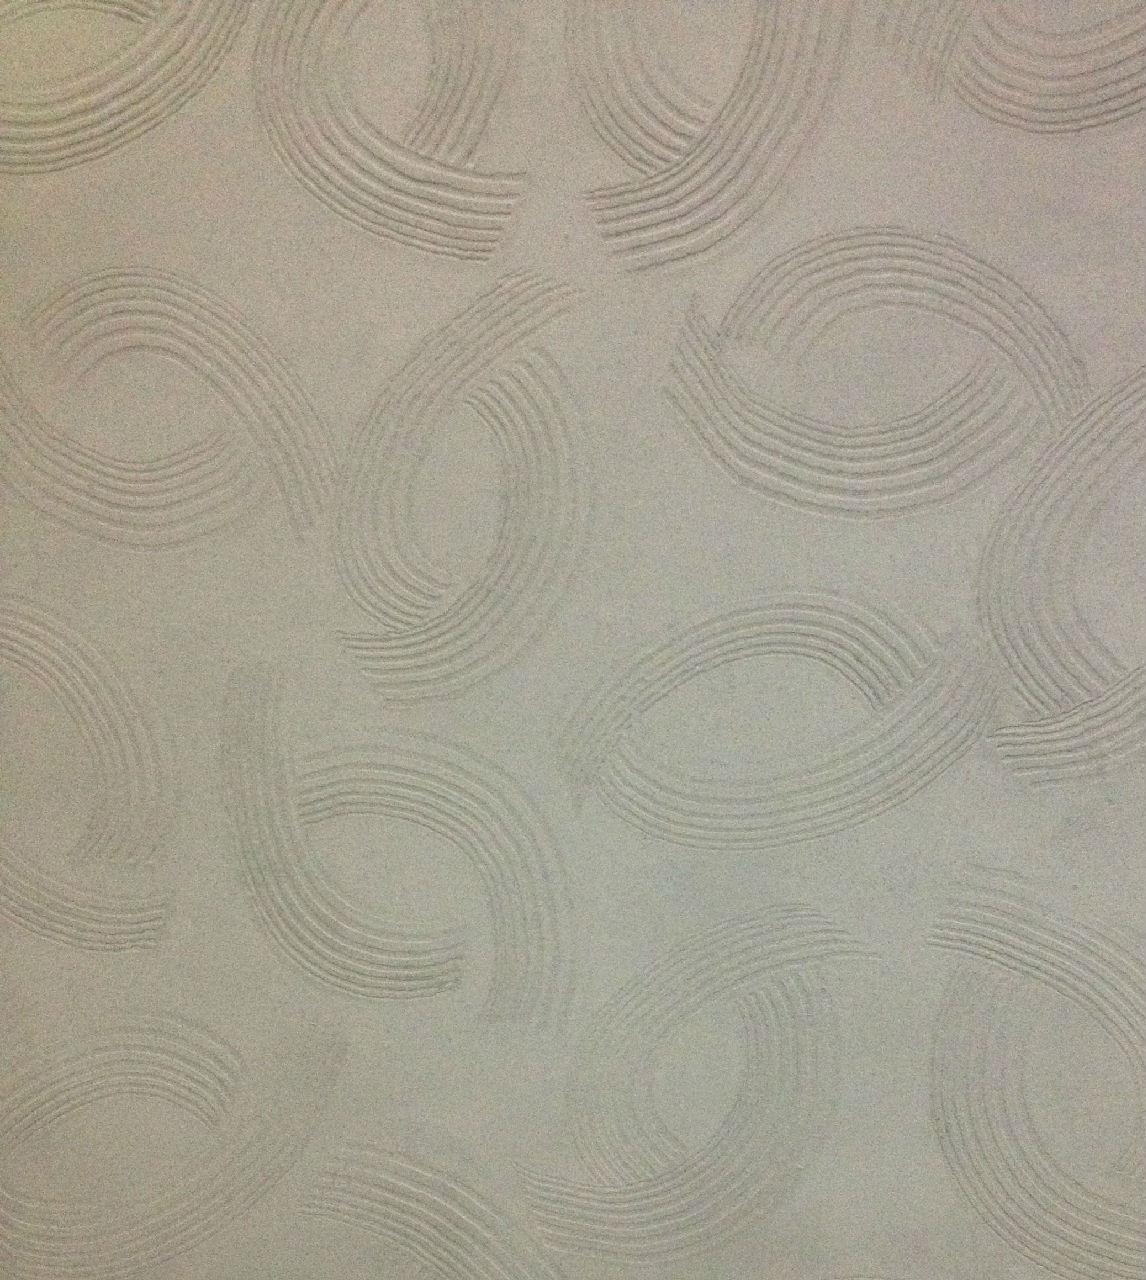 建材 家装主材 墙纸/壁纸/艺术背景墙 艺术背景墙 硅藻泥 新疆泉佳美